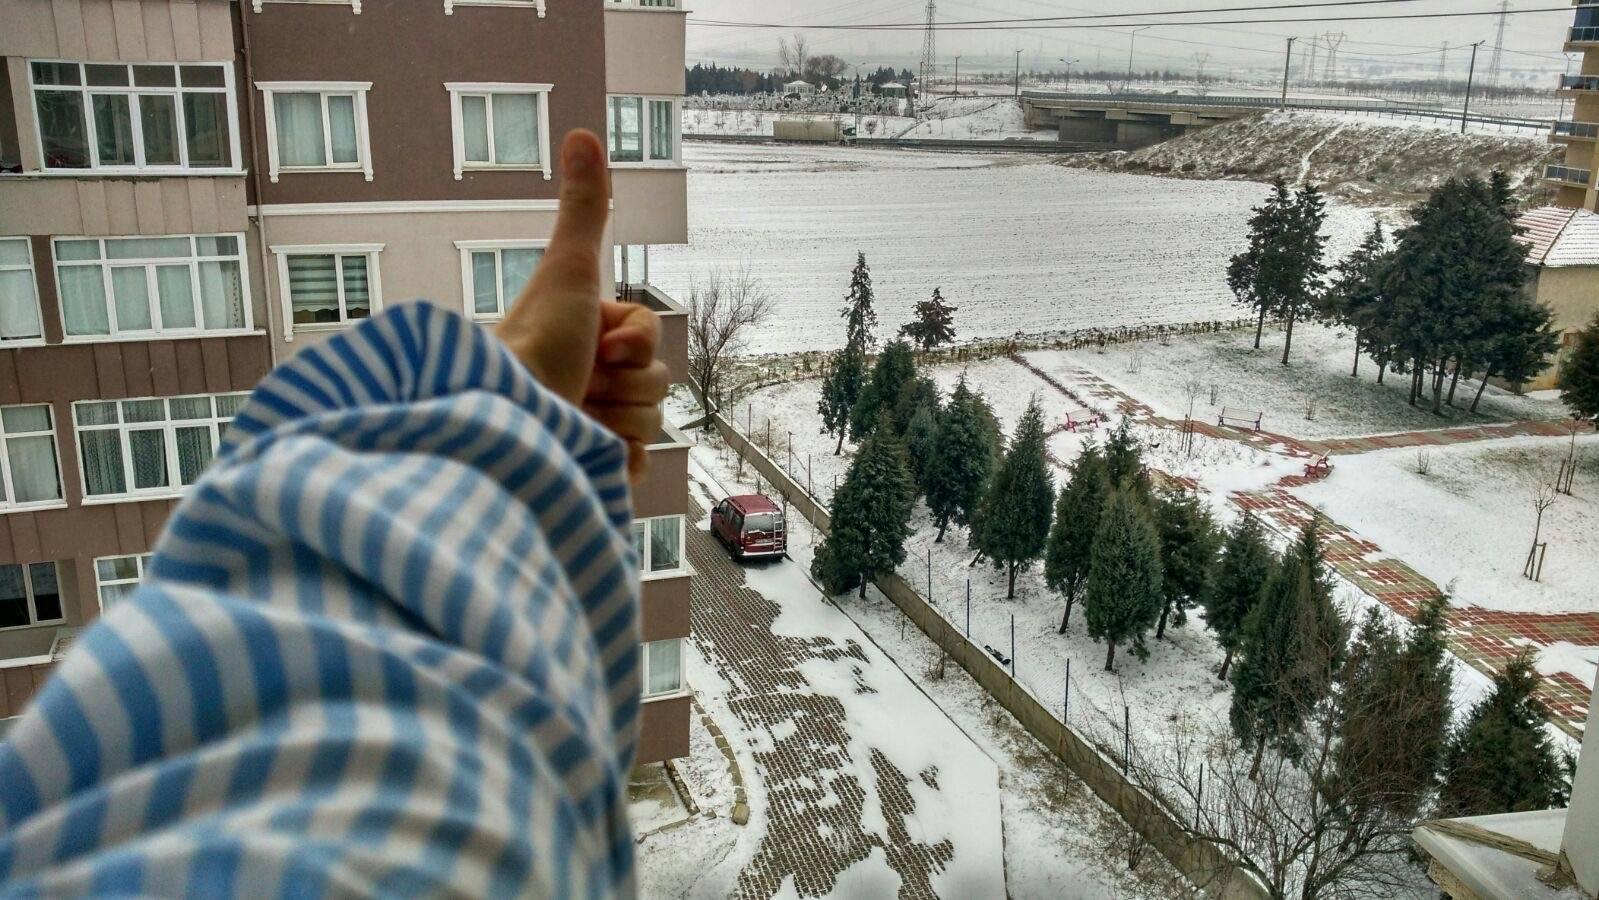 Perlé entrando en Turquía,el continente asiático se presenta ante nuestro caballero 9